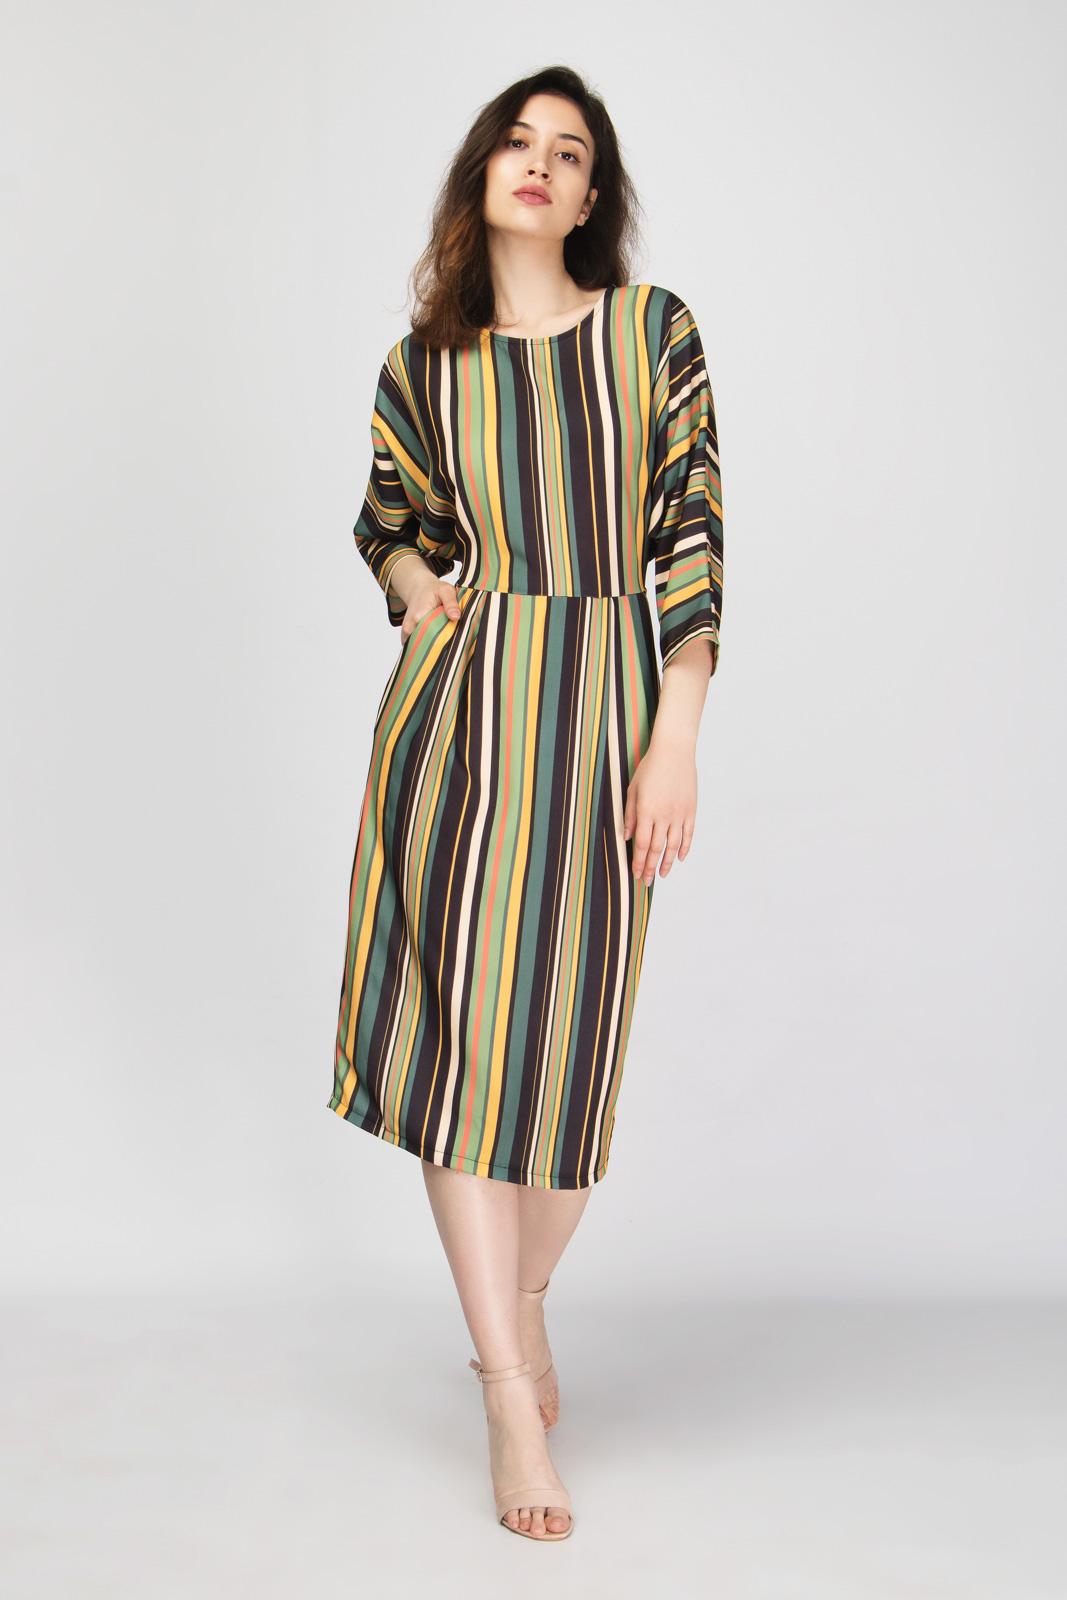 32b44533d375 Ριγέ Φόρεμα με Τσέπες